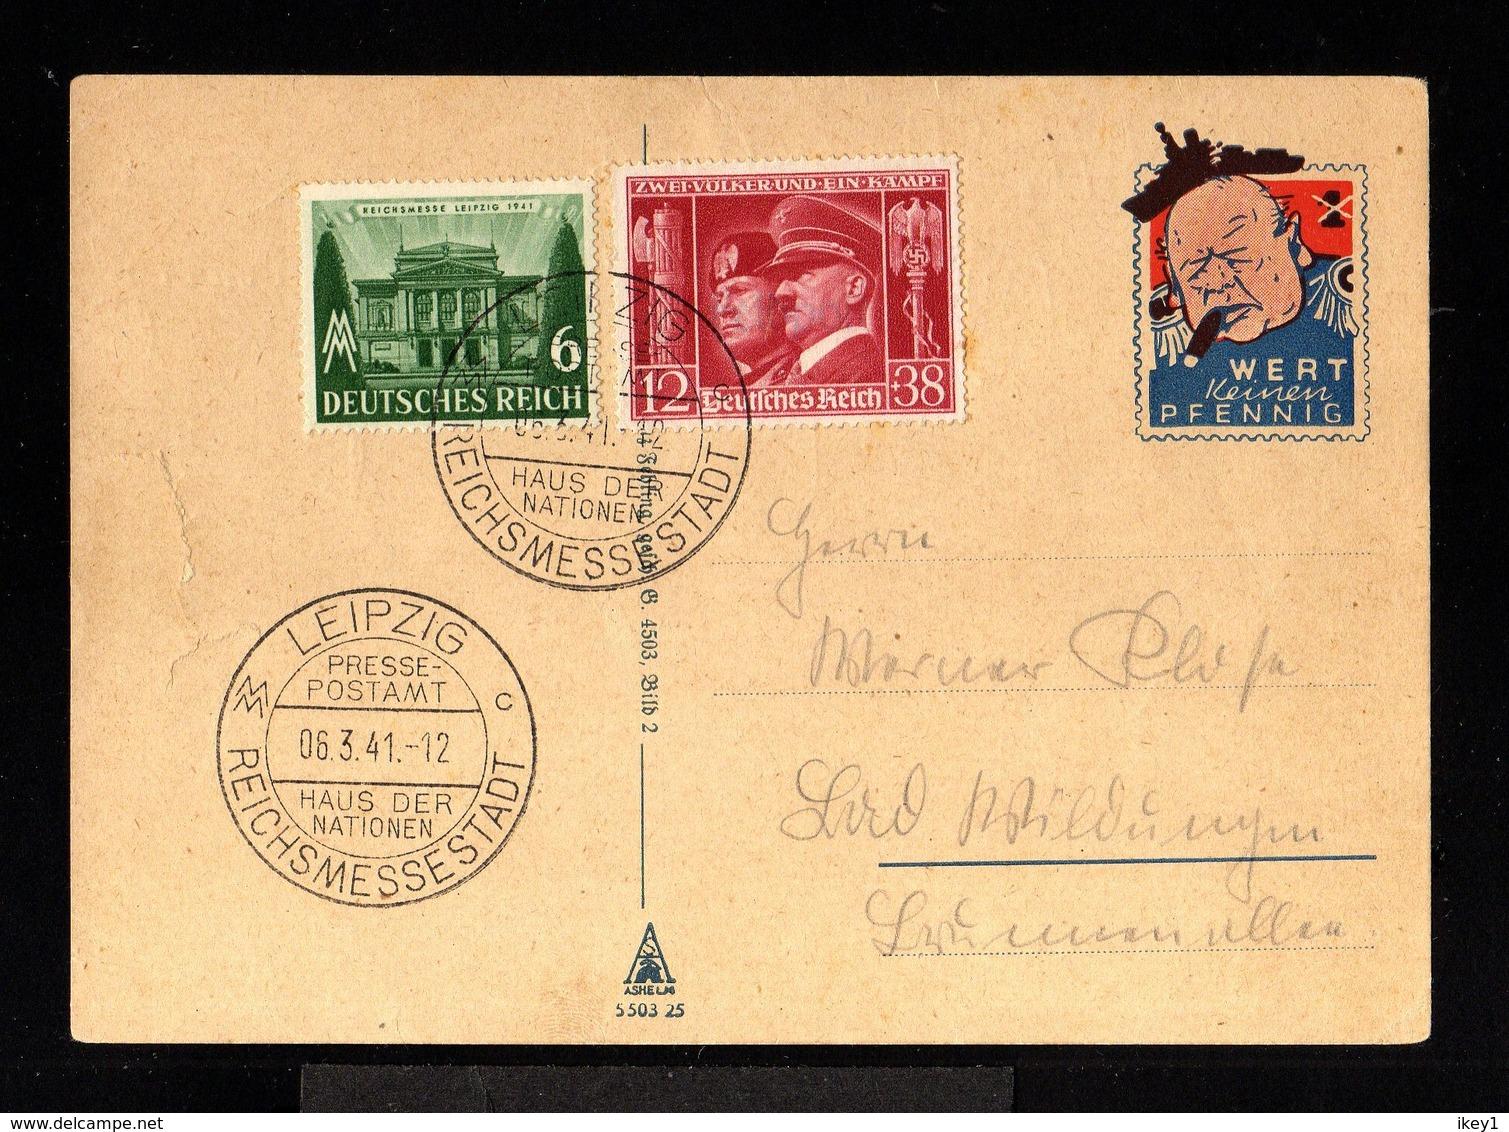 11732-GERMAN EMPIRE-.MILITARY PROPAGANDA FELDPOSTCARD Leipzig.1941.WWII.Wert Keinen.DEUTSCHES REICH.Postkarte - Allemagne